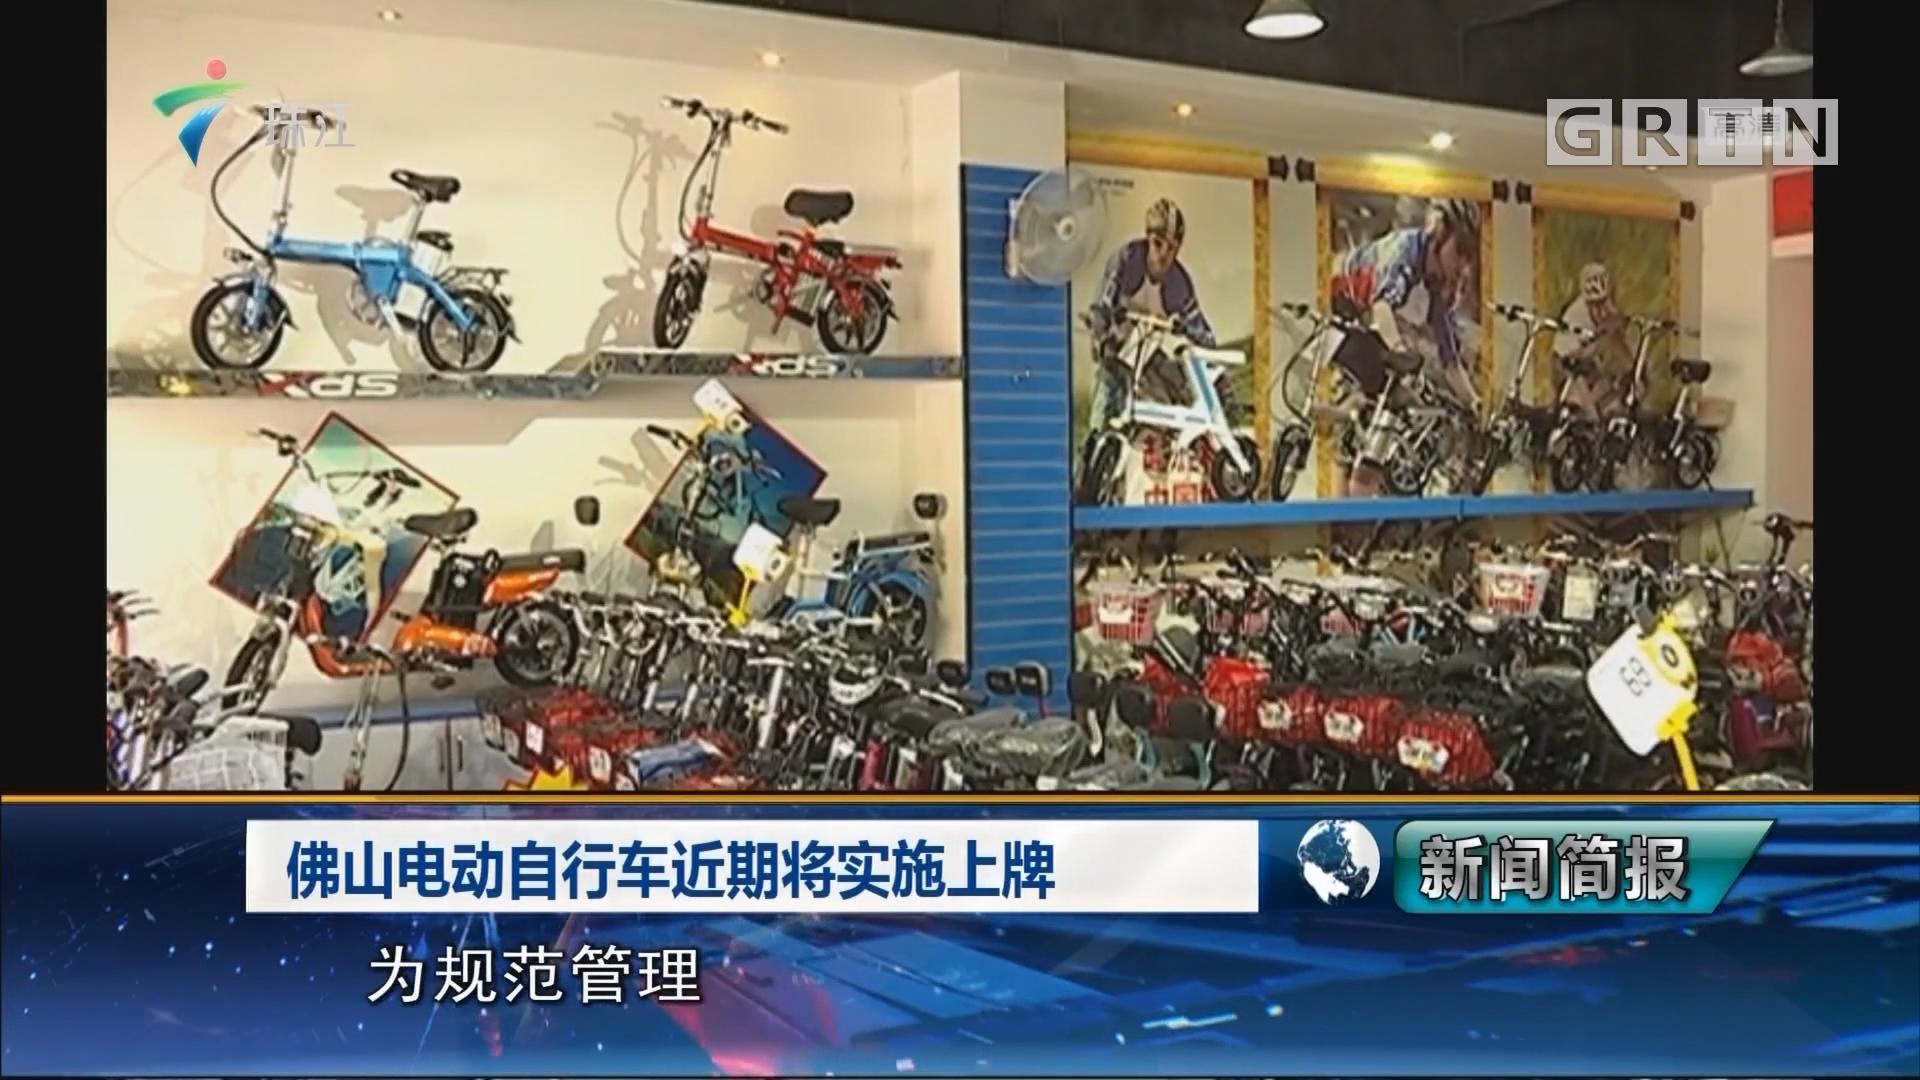 佛山电动自行车近期将实施上牌